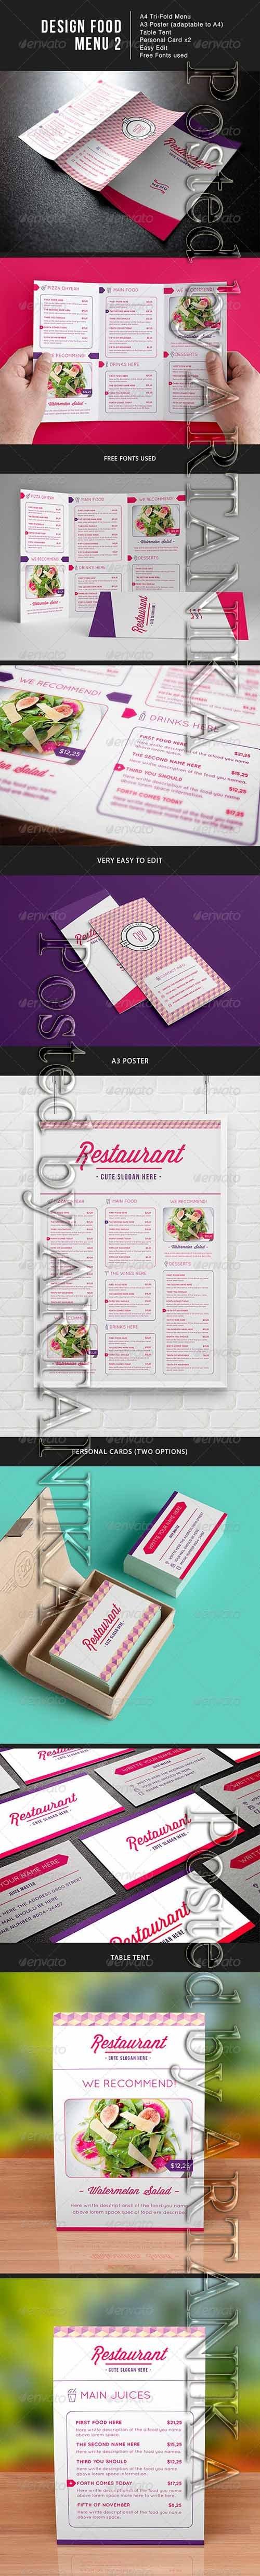 Design Food Menu 2 8027111